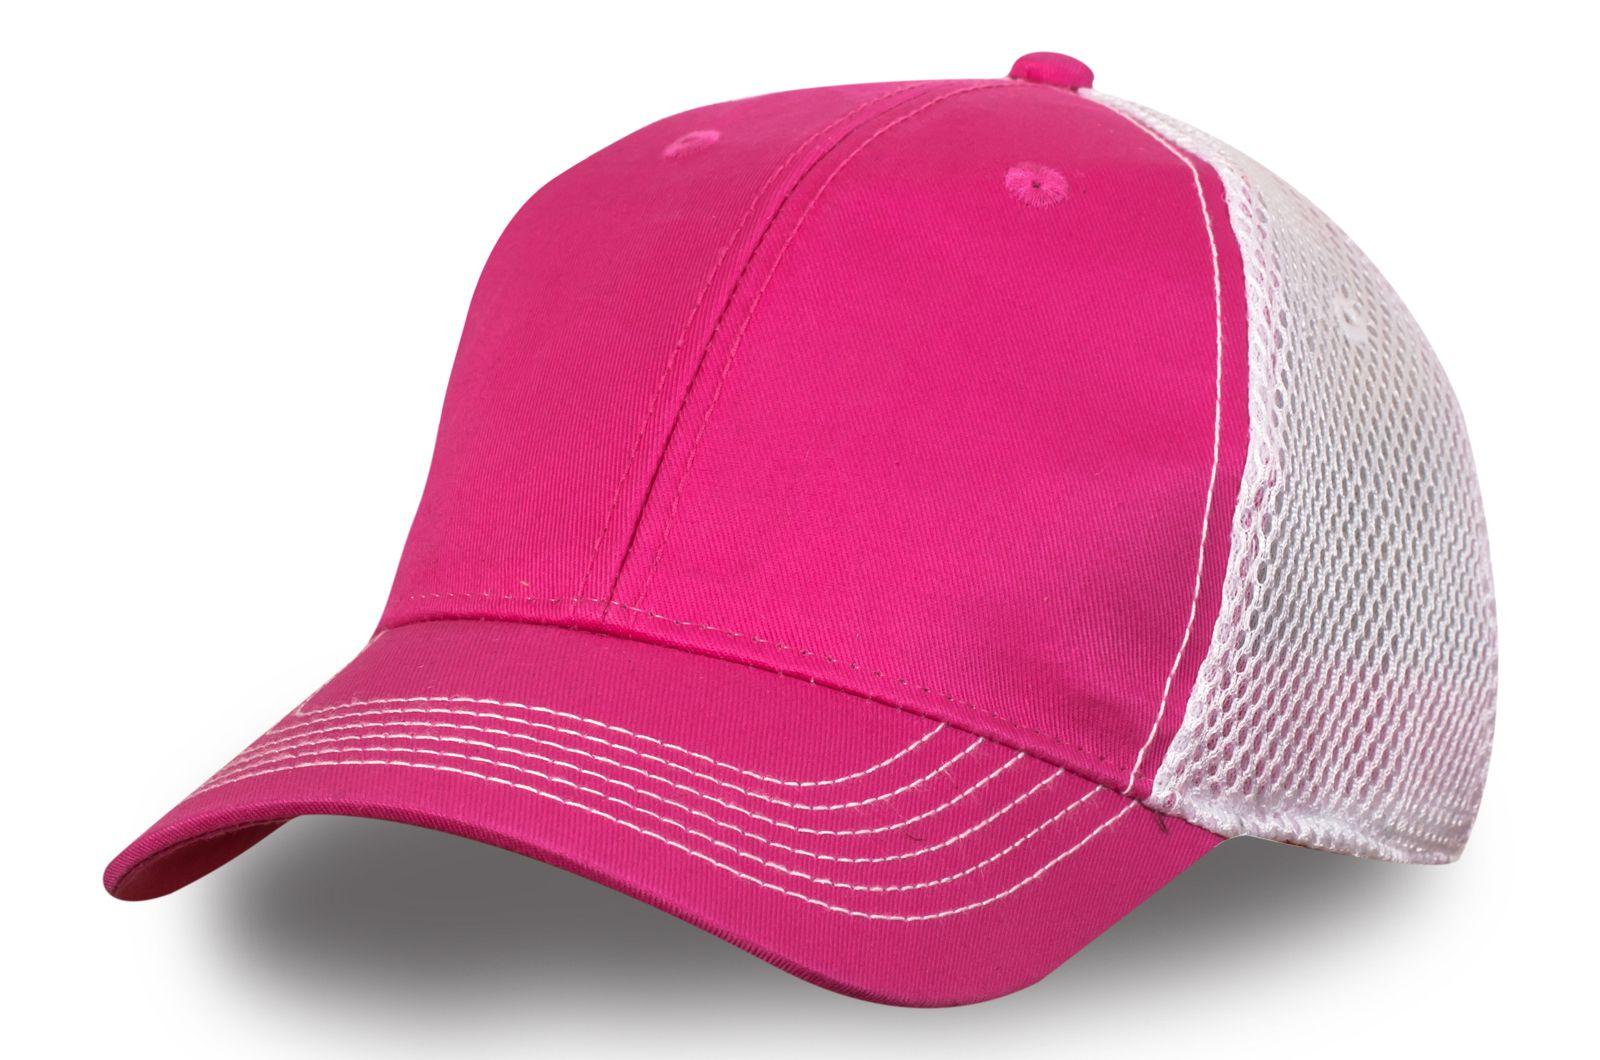 Женская кепка с сеткой - купить в интернет-магазине с доставкой